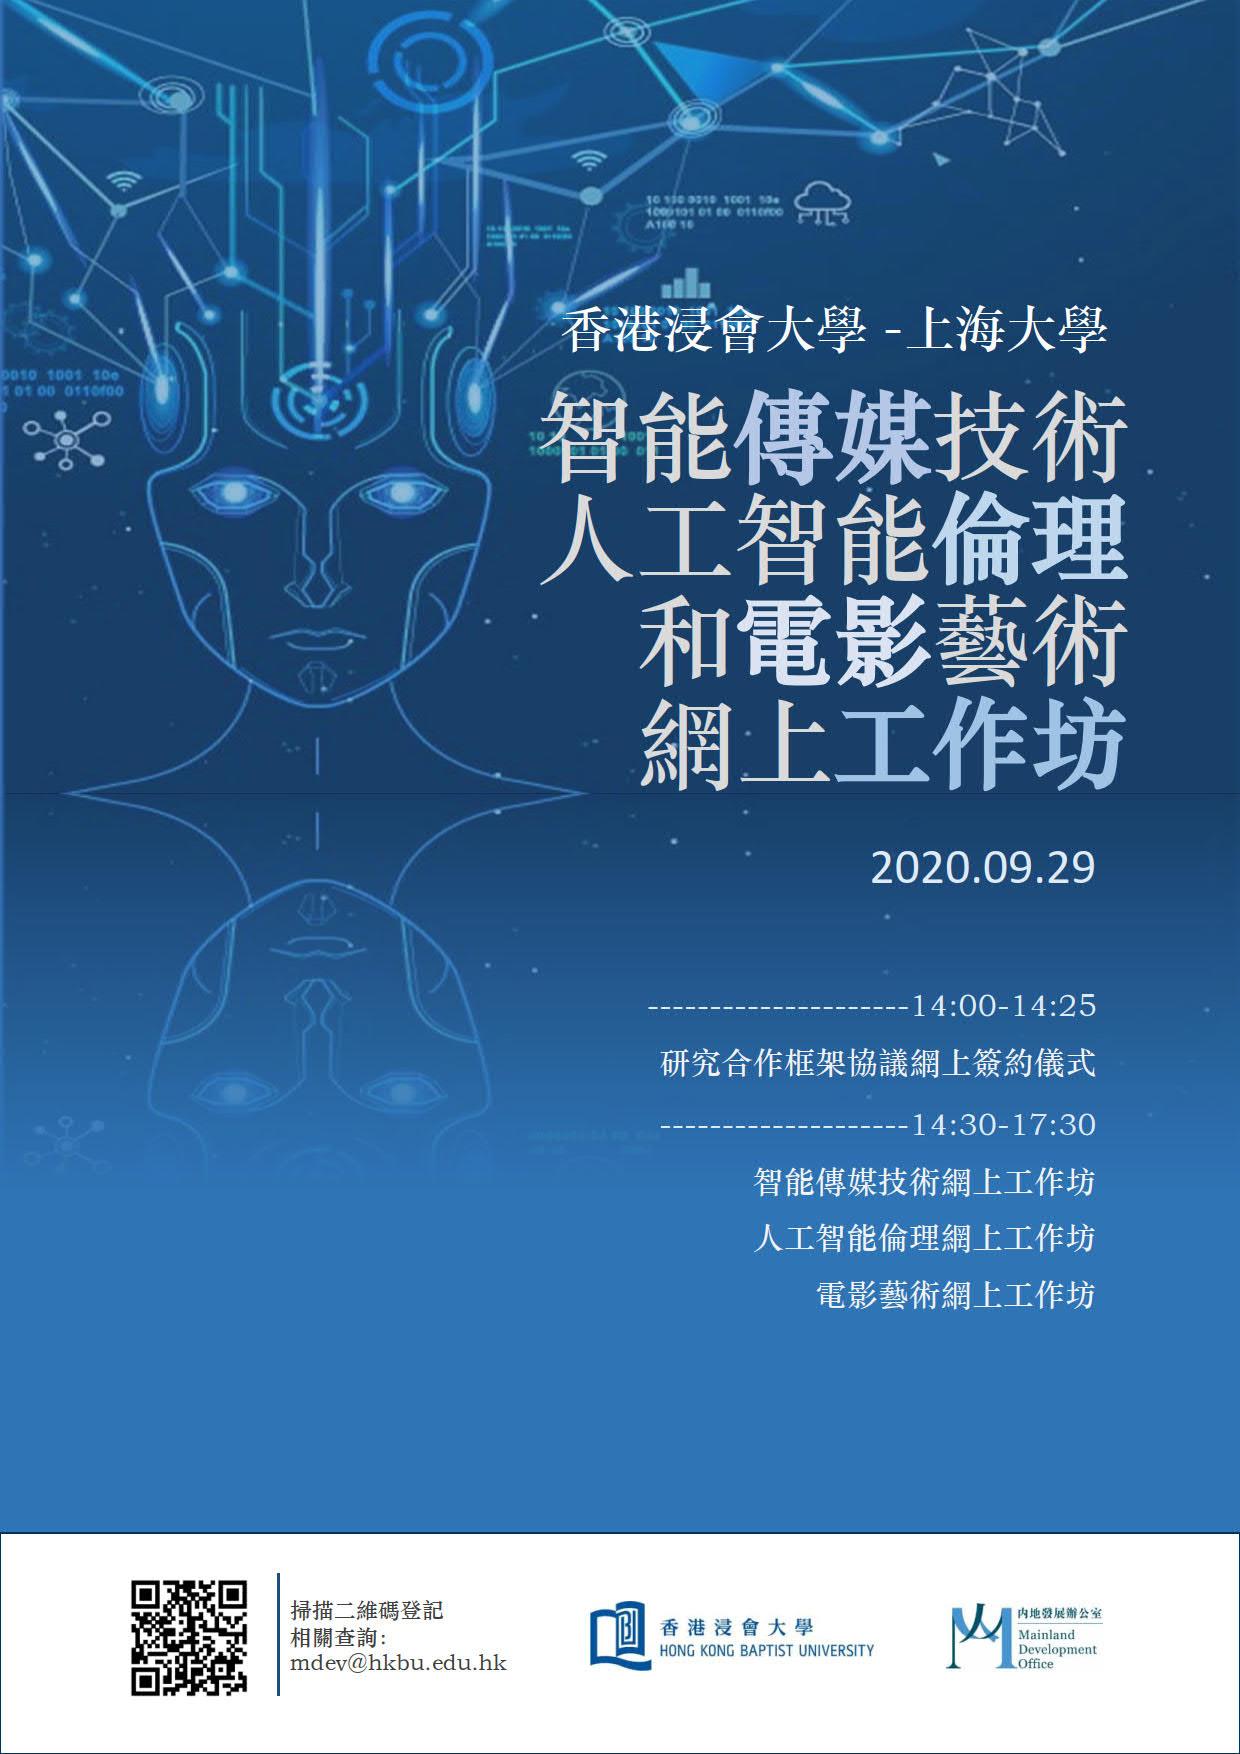 智能傳媒技術、人工智能倫理和電影藝術網上工作坊